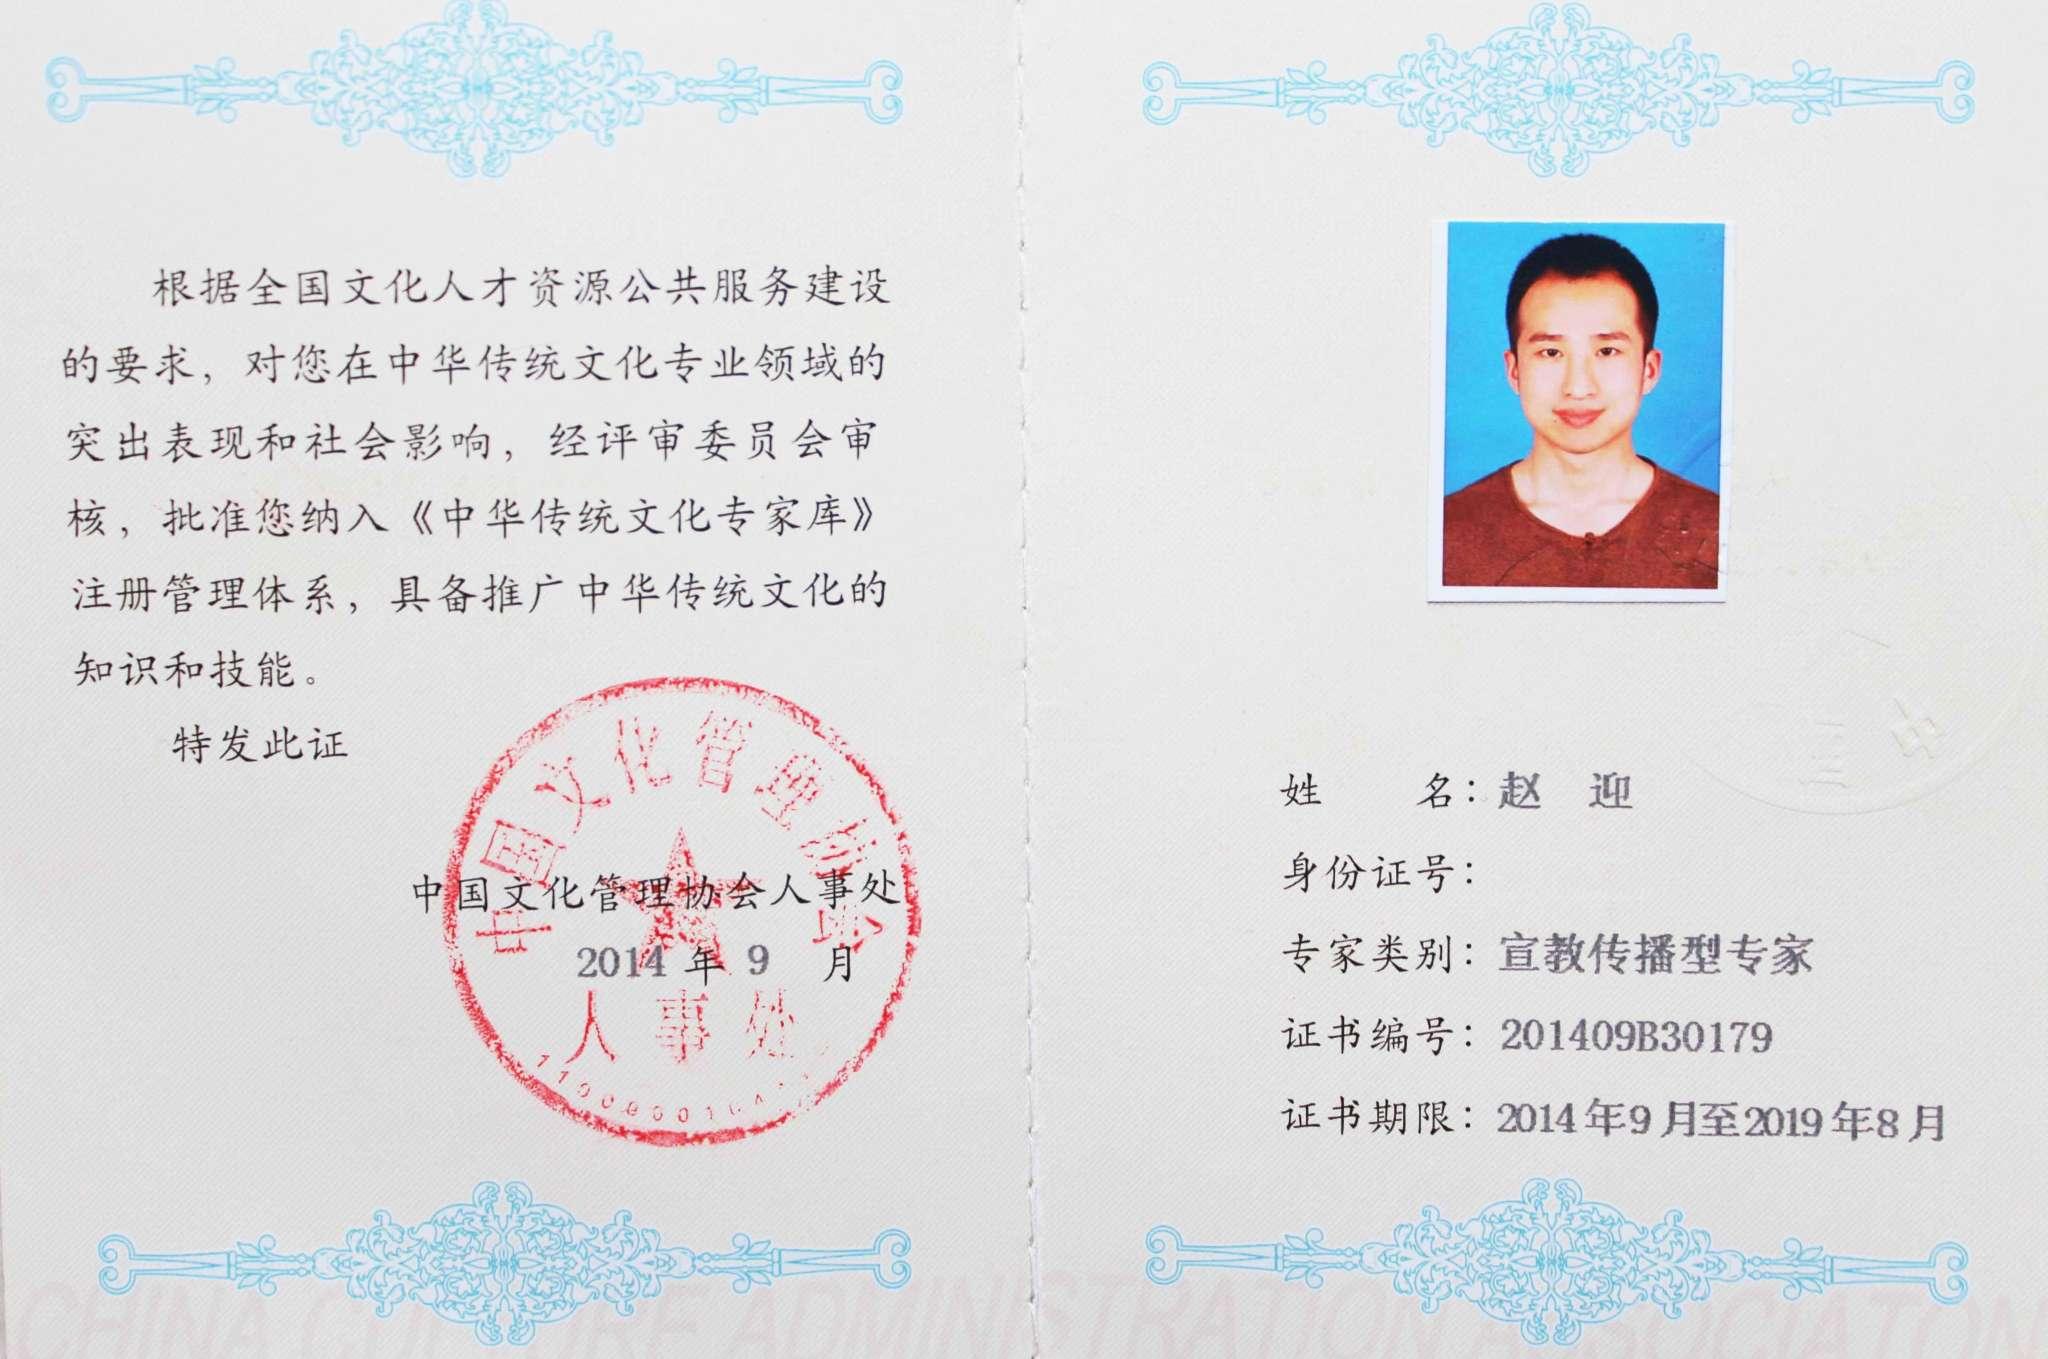 中国文化管理协会·中华传统文化专家人才